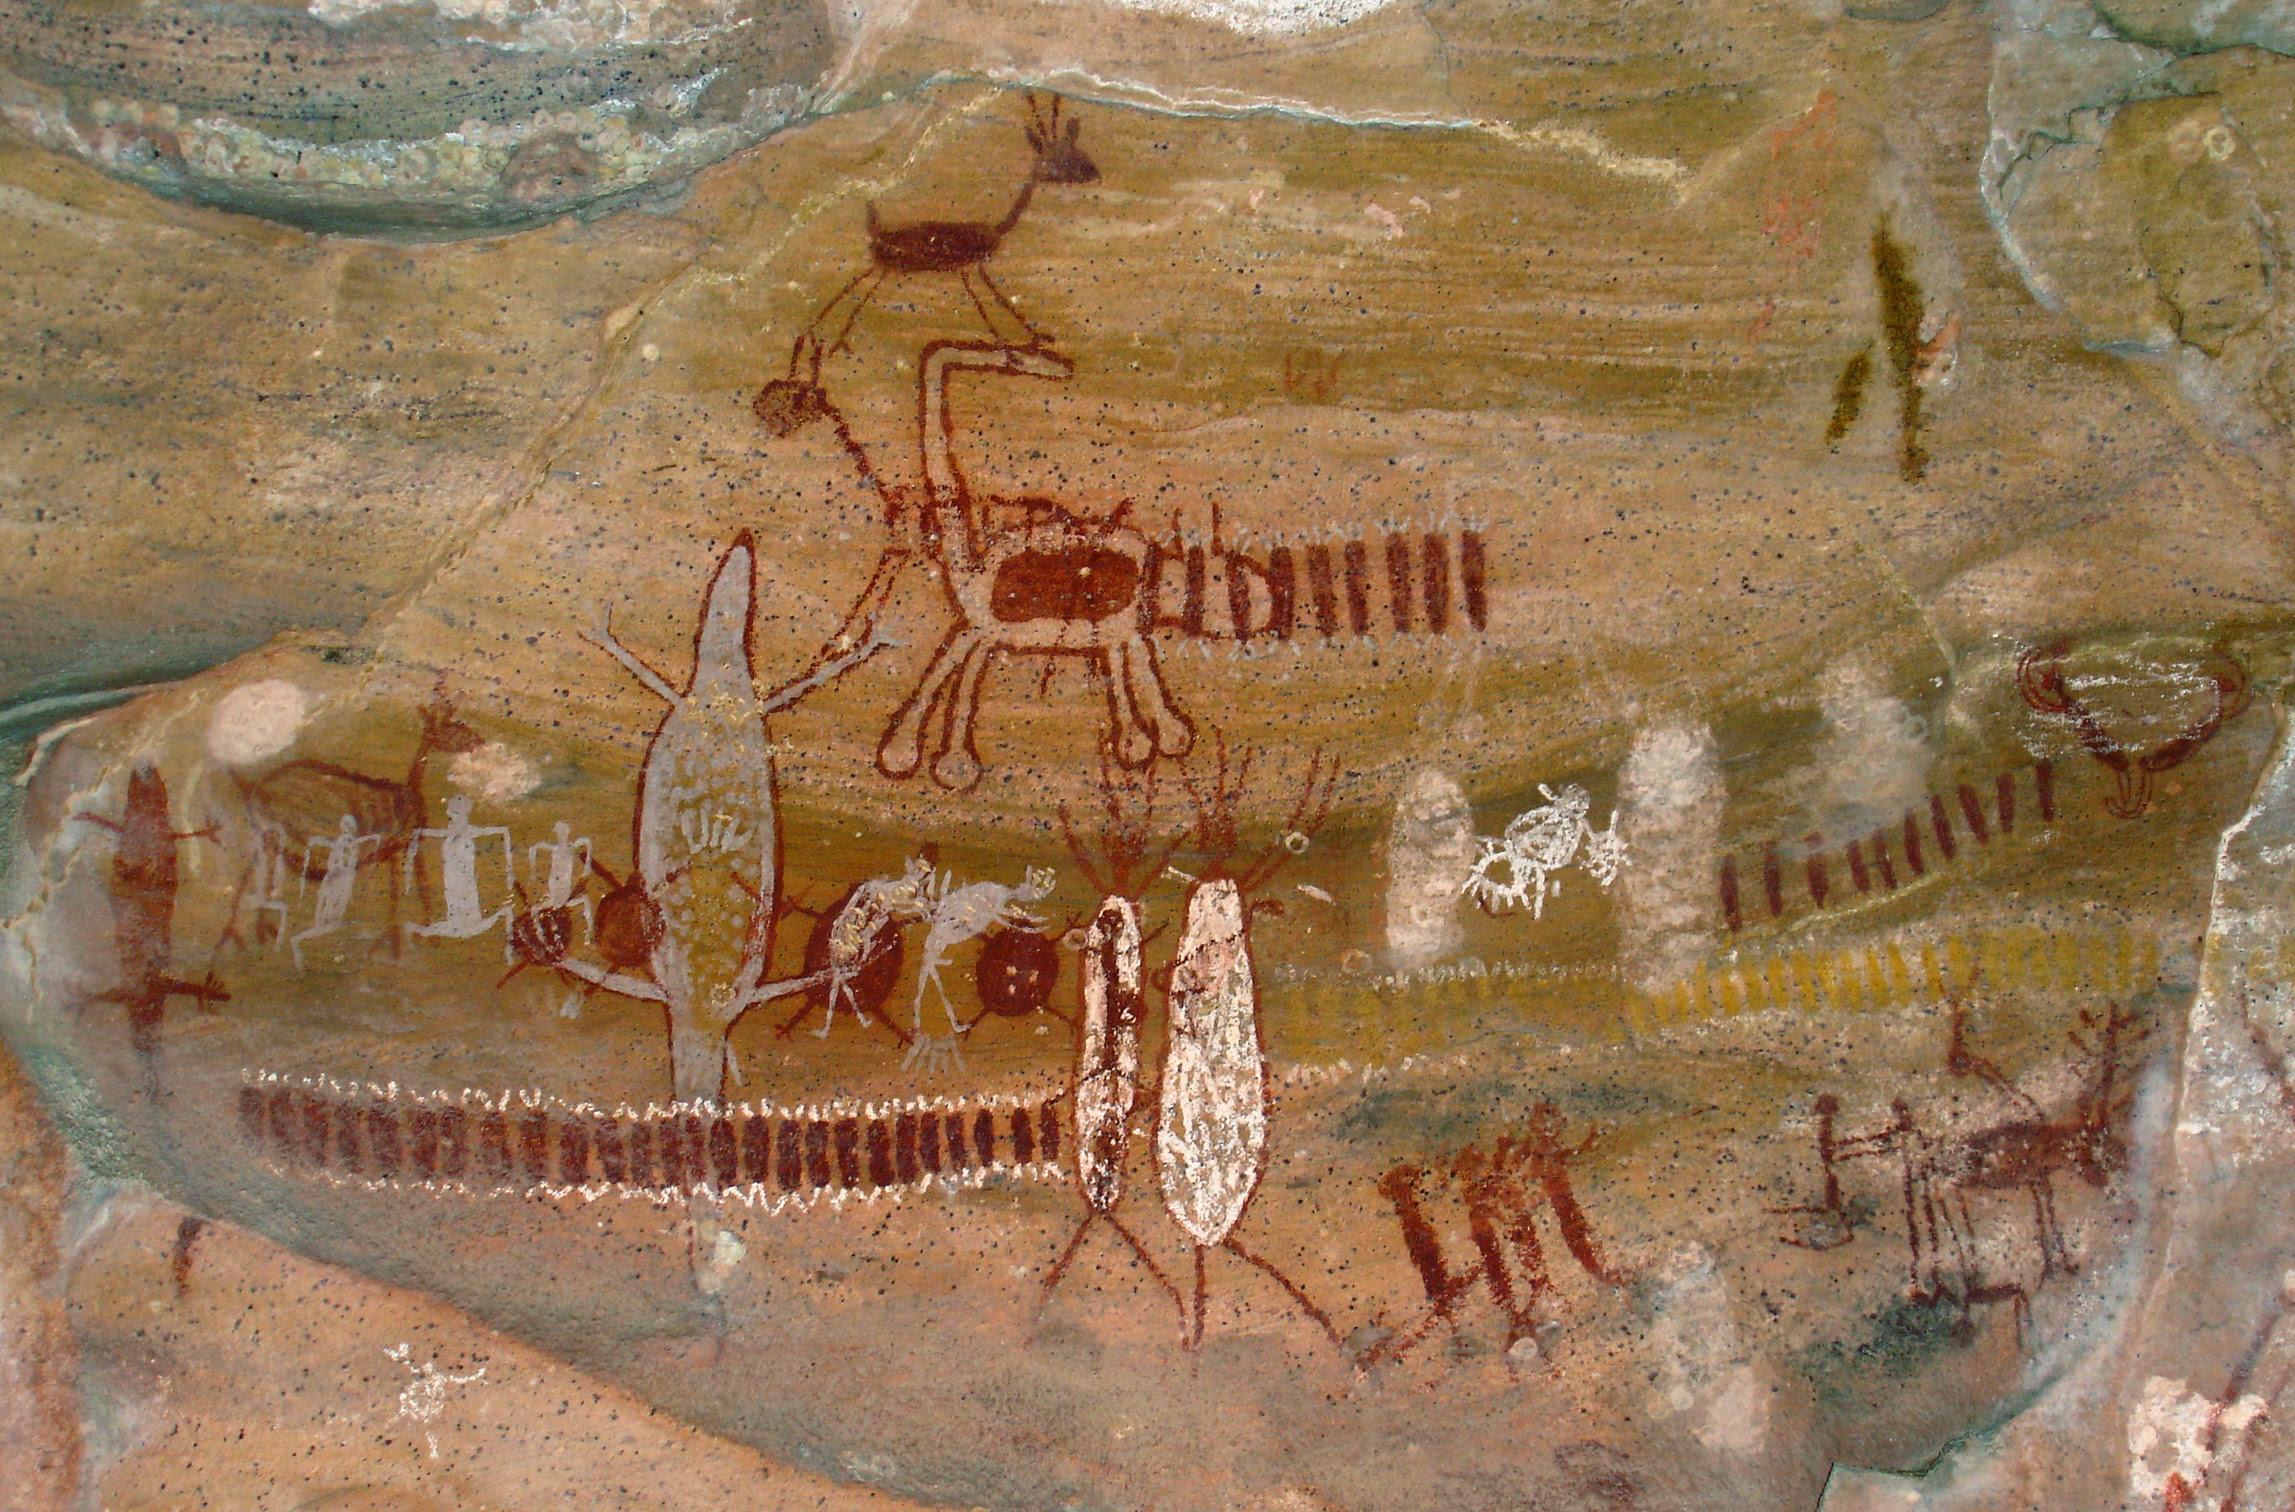 Serra da Capivara - Several Paintings 2b.jpg